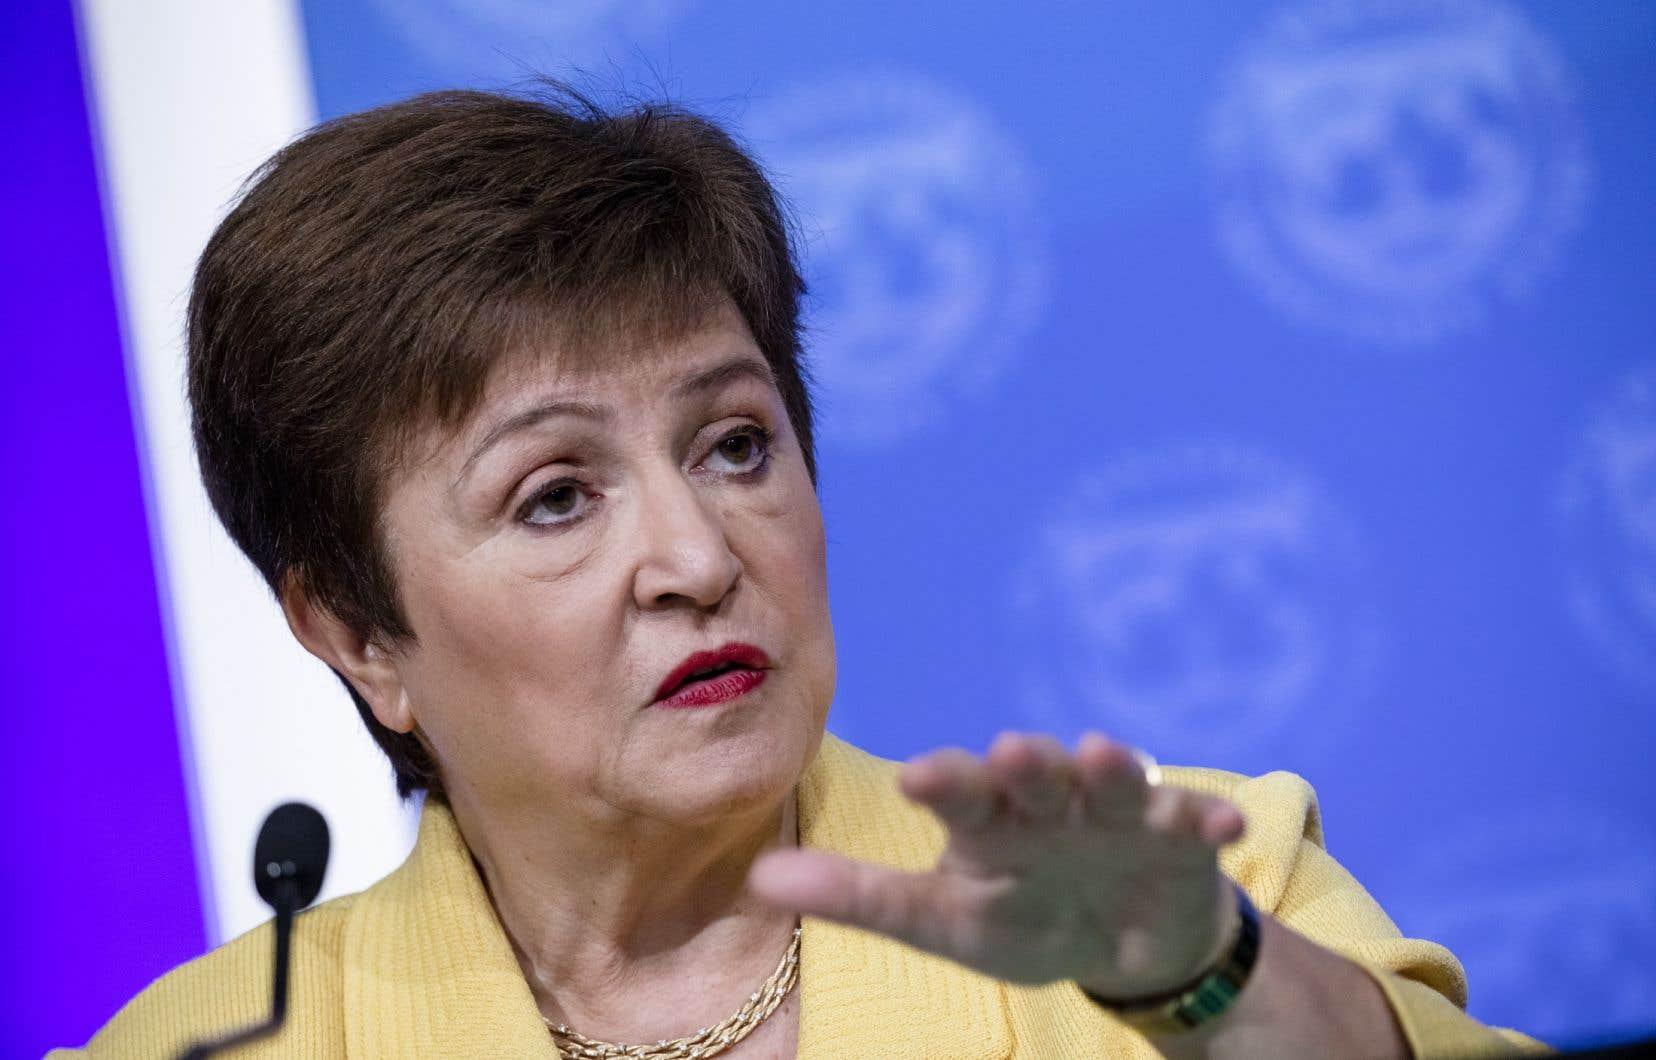 La directrice générale du Fonds monétaire international, Kristalina Georgieva, prône pour une reprise économique respectueuse de l'environnement.